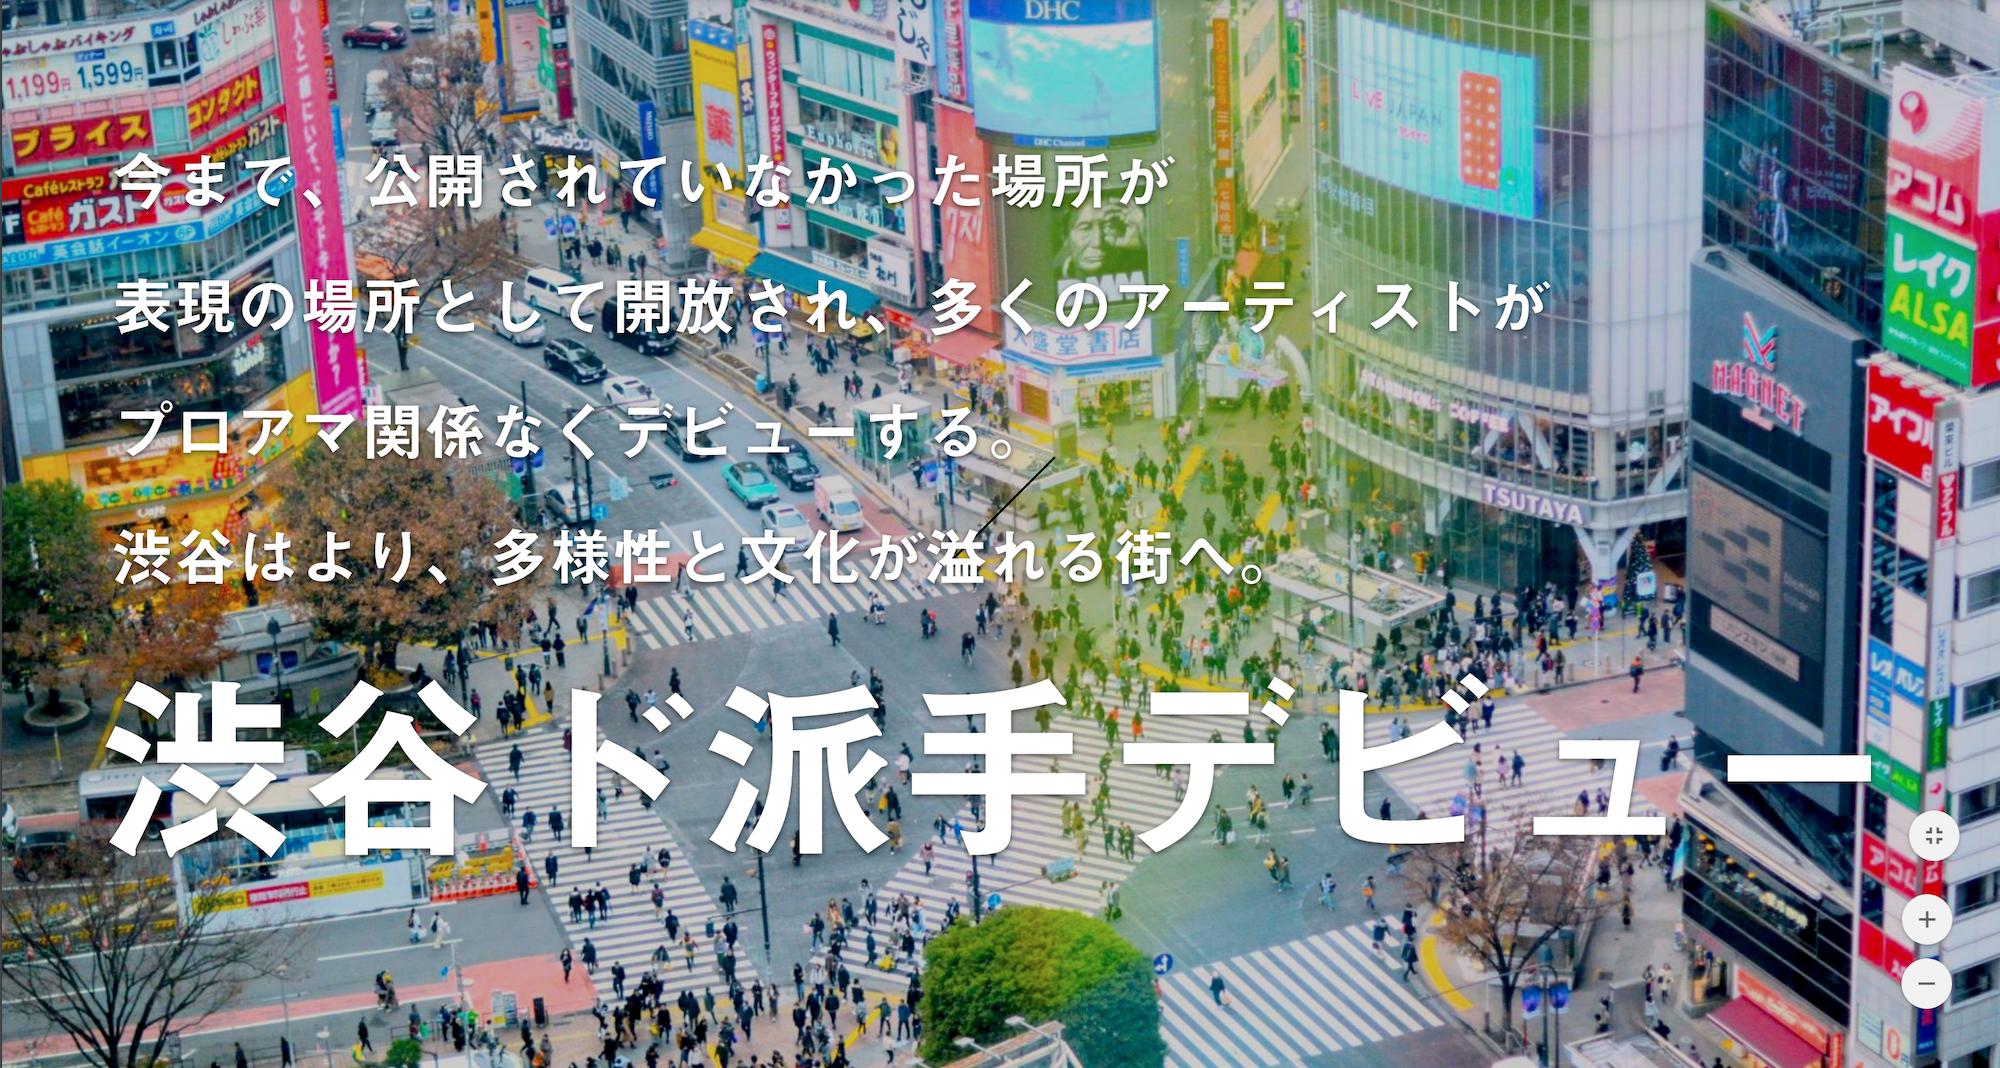 【渋谷をつなげる30人 5期 オープンセッション 】〜渋谷ド派手デビュー編〜